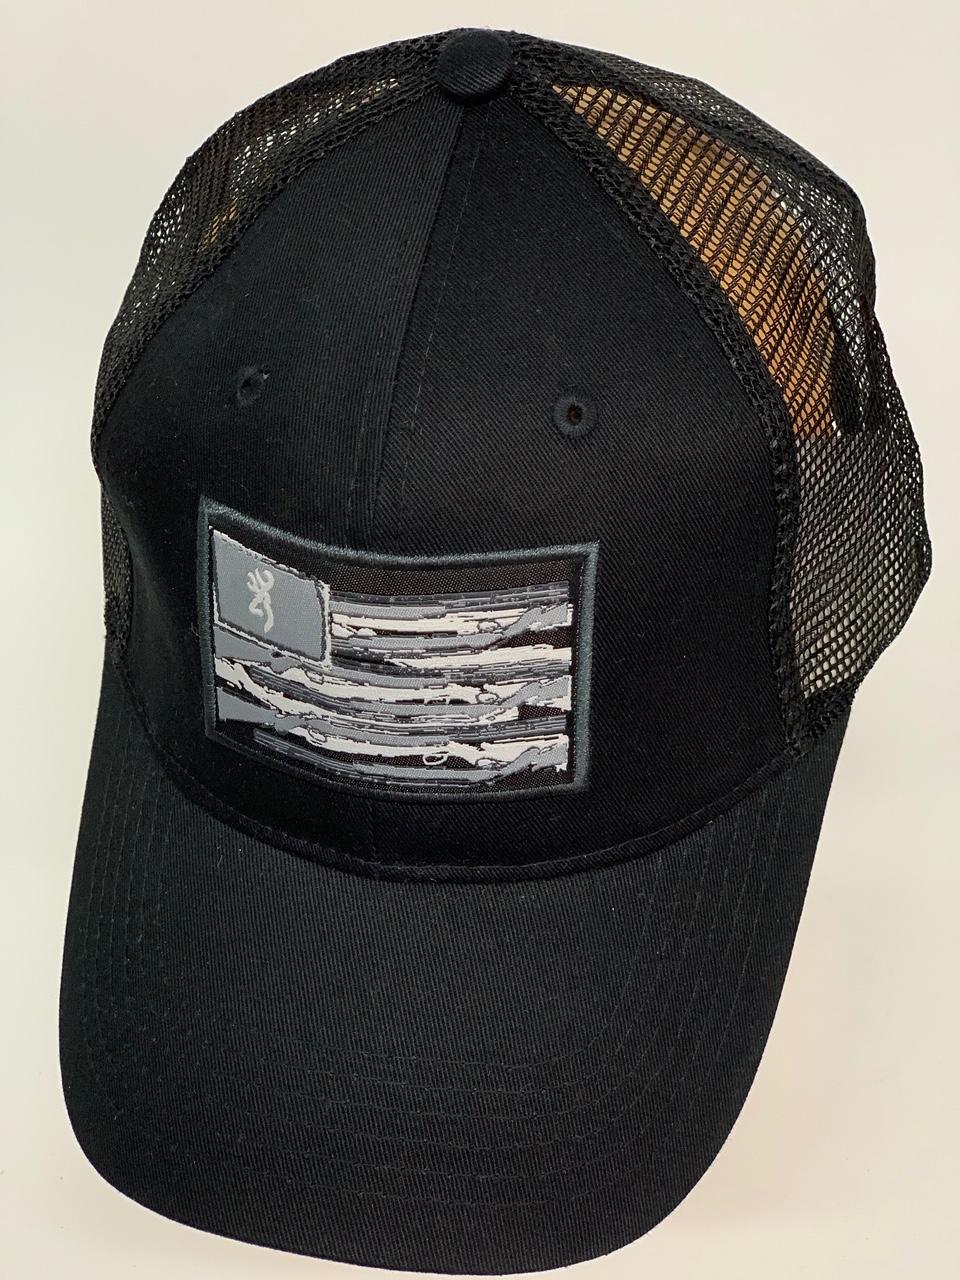 Бейсболка Browning черного цвета с нашивкой на тулье и сеткой